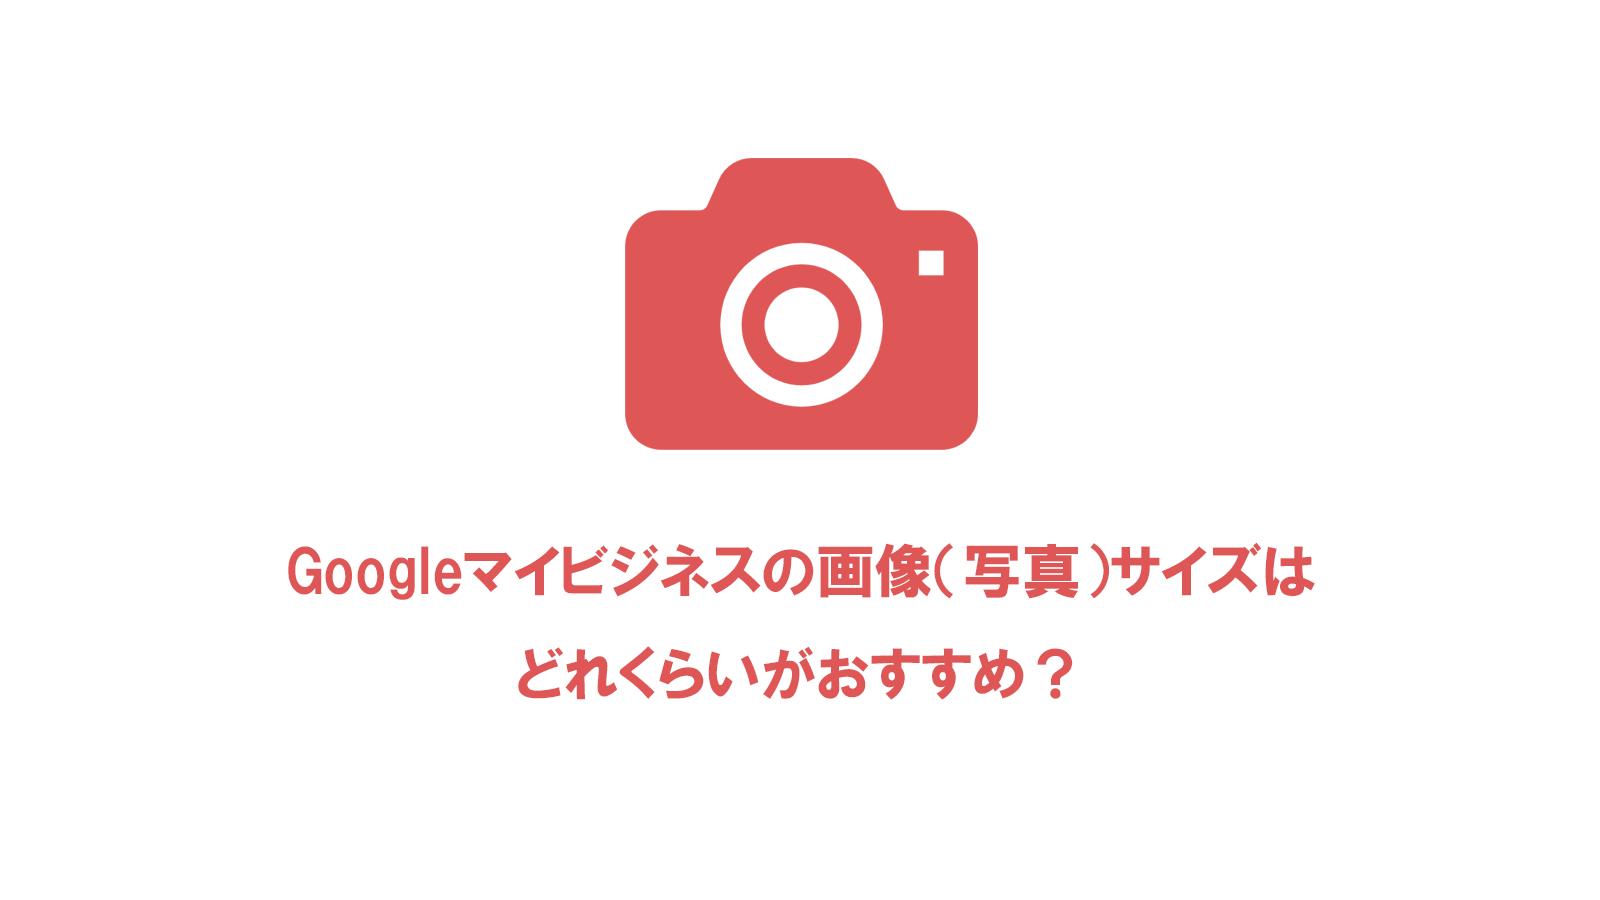 Googleマイビジネスの画像(写真)サイズや投稿の注意点について解説します